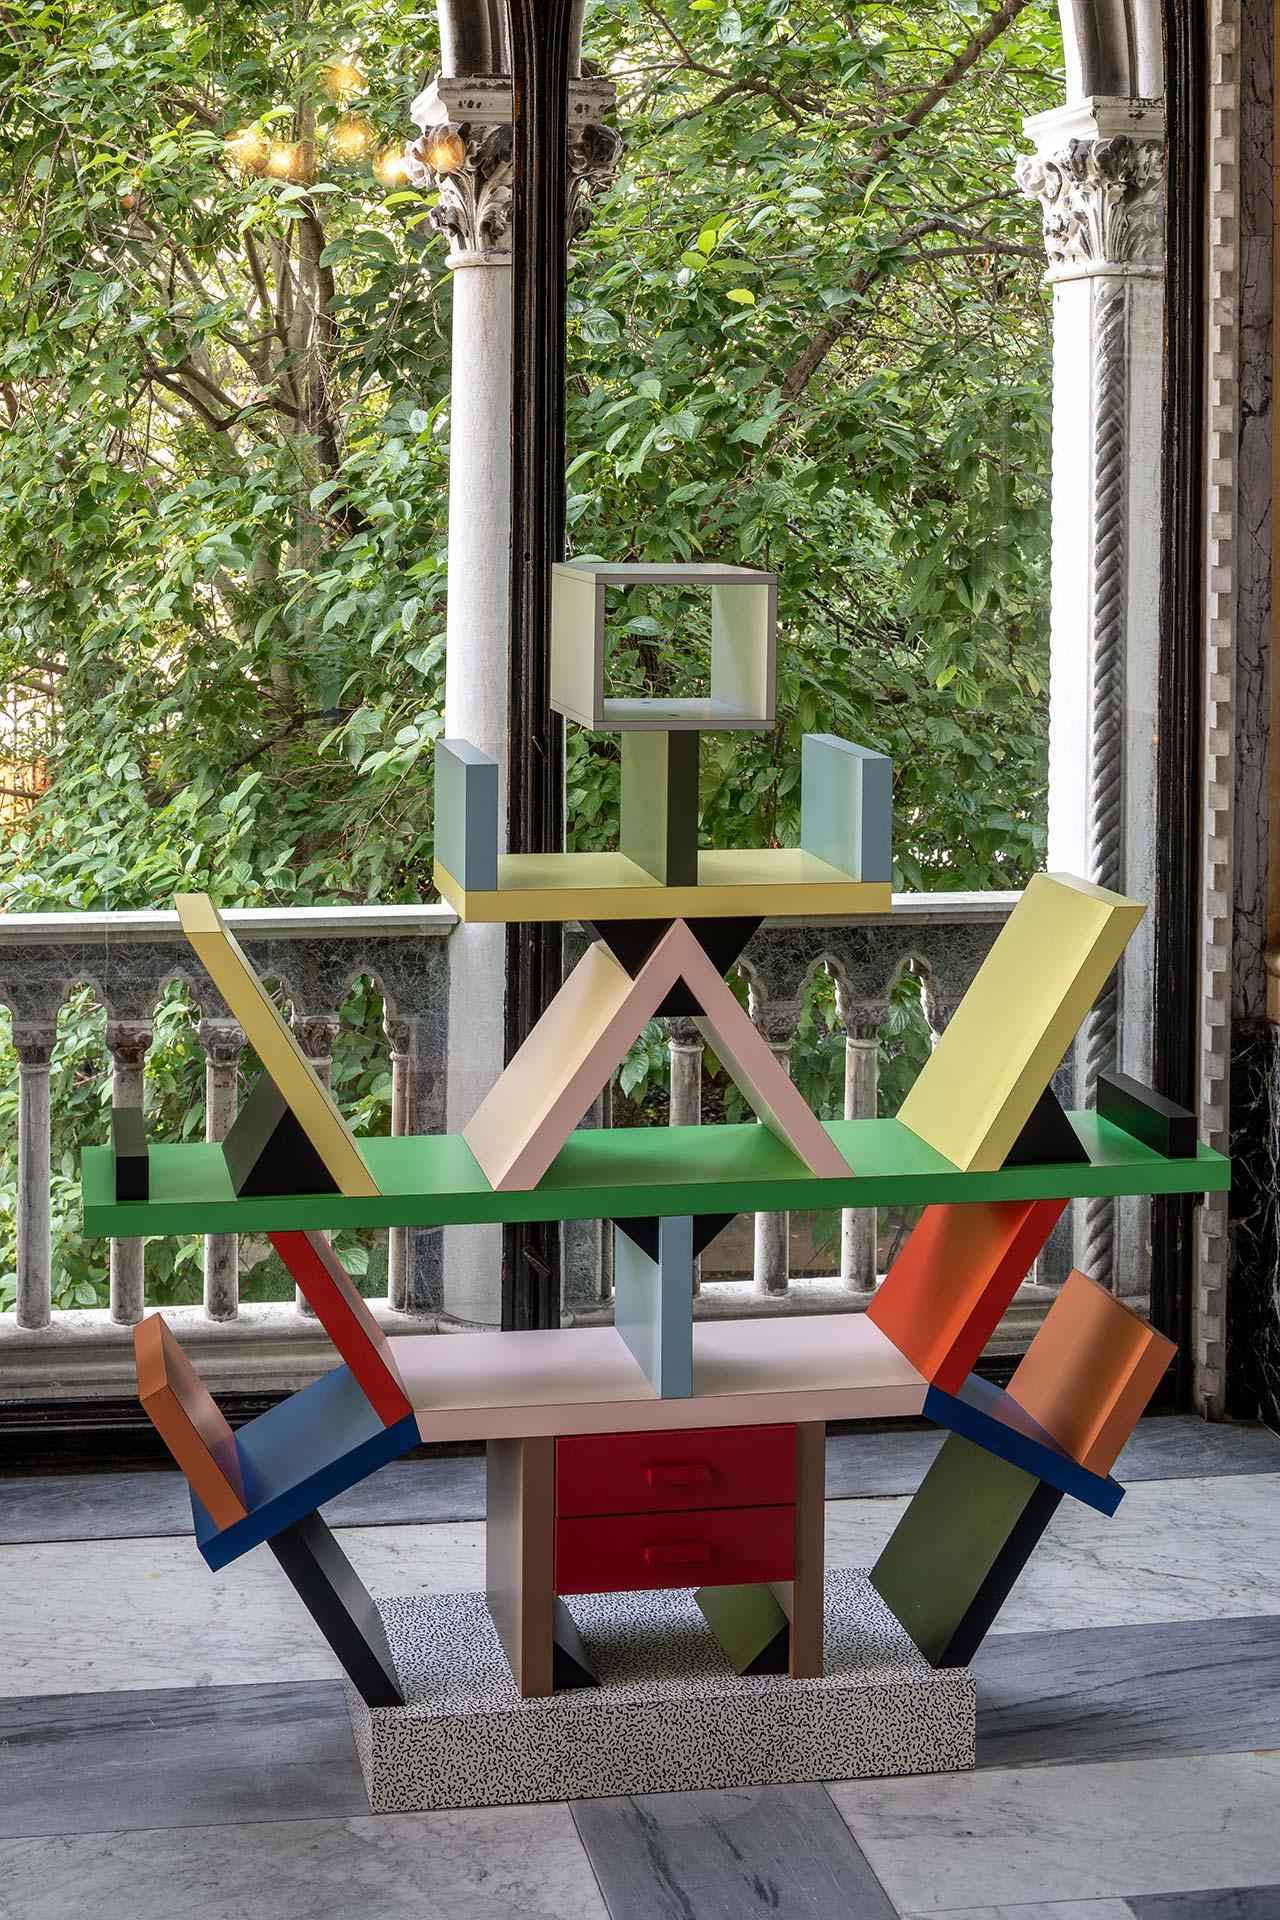 MEMPHIS - Plastic Field,exhibitionview.Carlton by Ettore Sottsass, 1981.190 x40 x196cm. Photo by Francesco Allegretto, courtesy Fondazione Berengo.